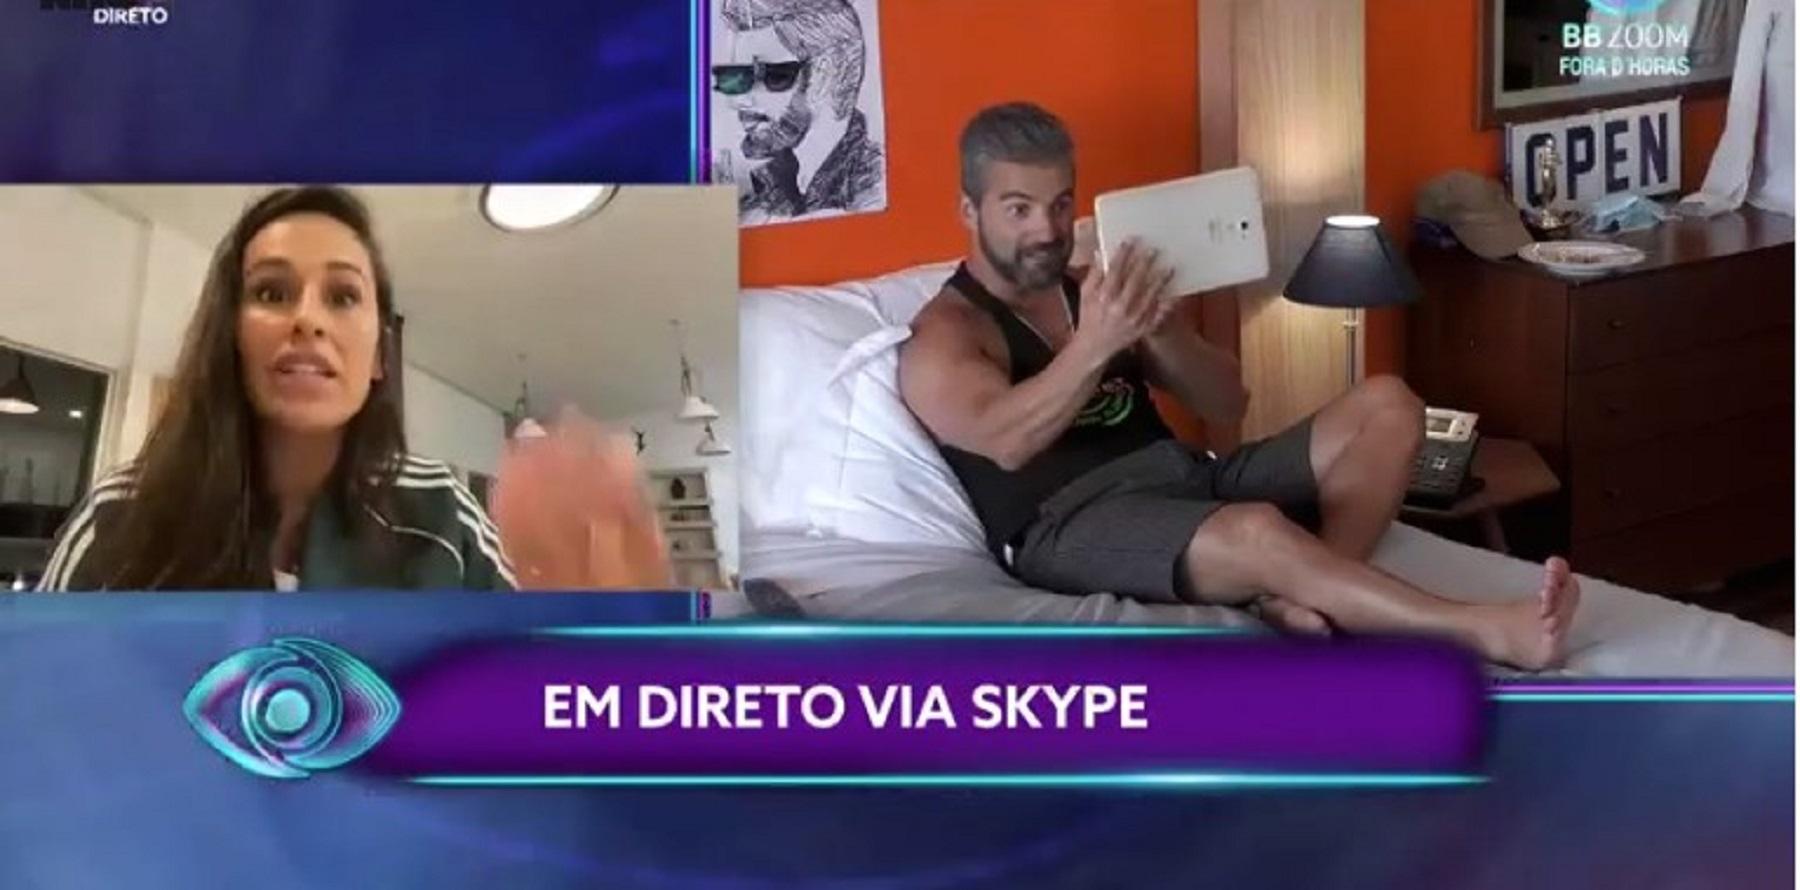 Rita Pereira Helder 'Big Brother 2020'. Rita Pereira Revela O Que Não Suporta No Concorrente Hélder